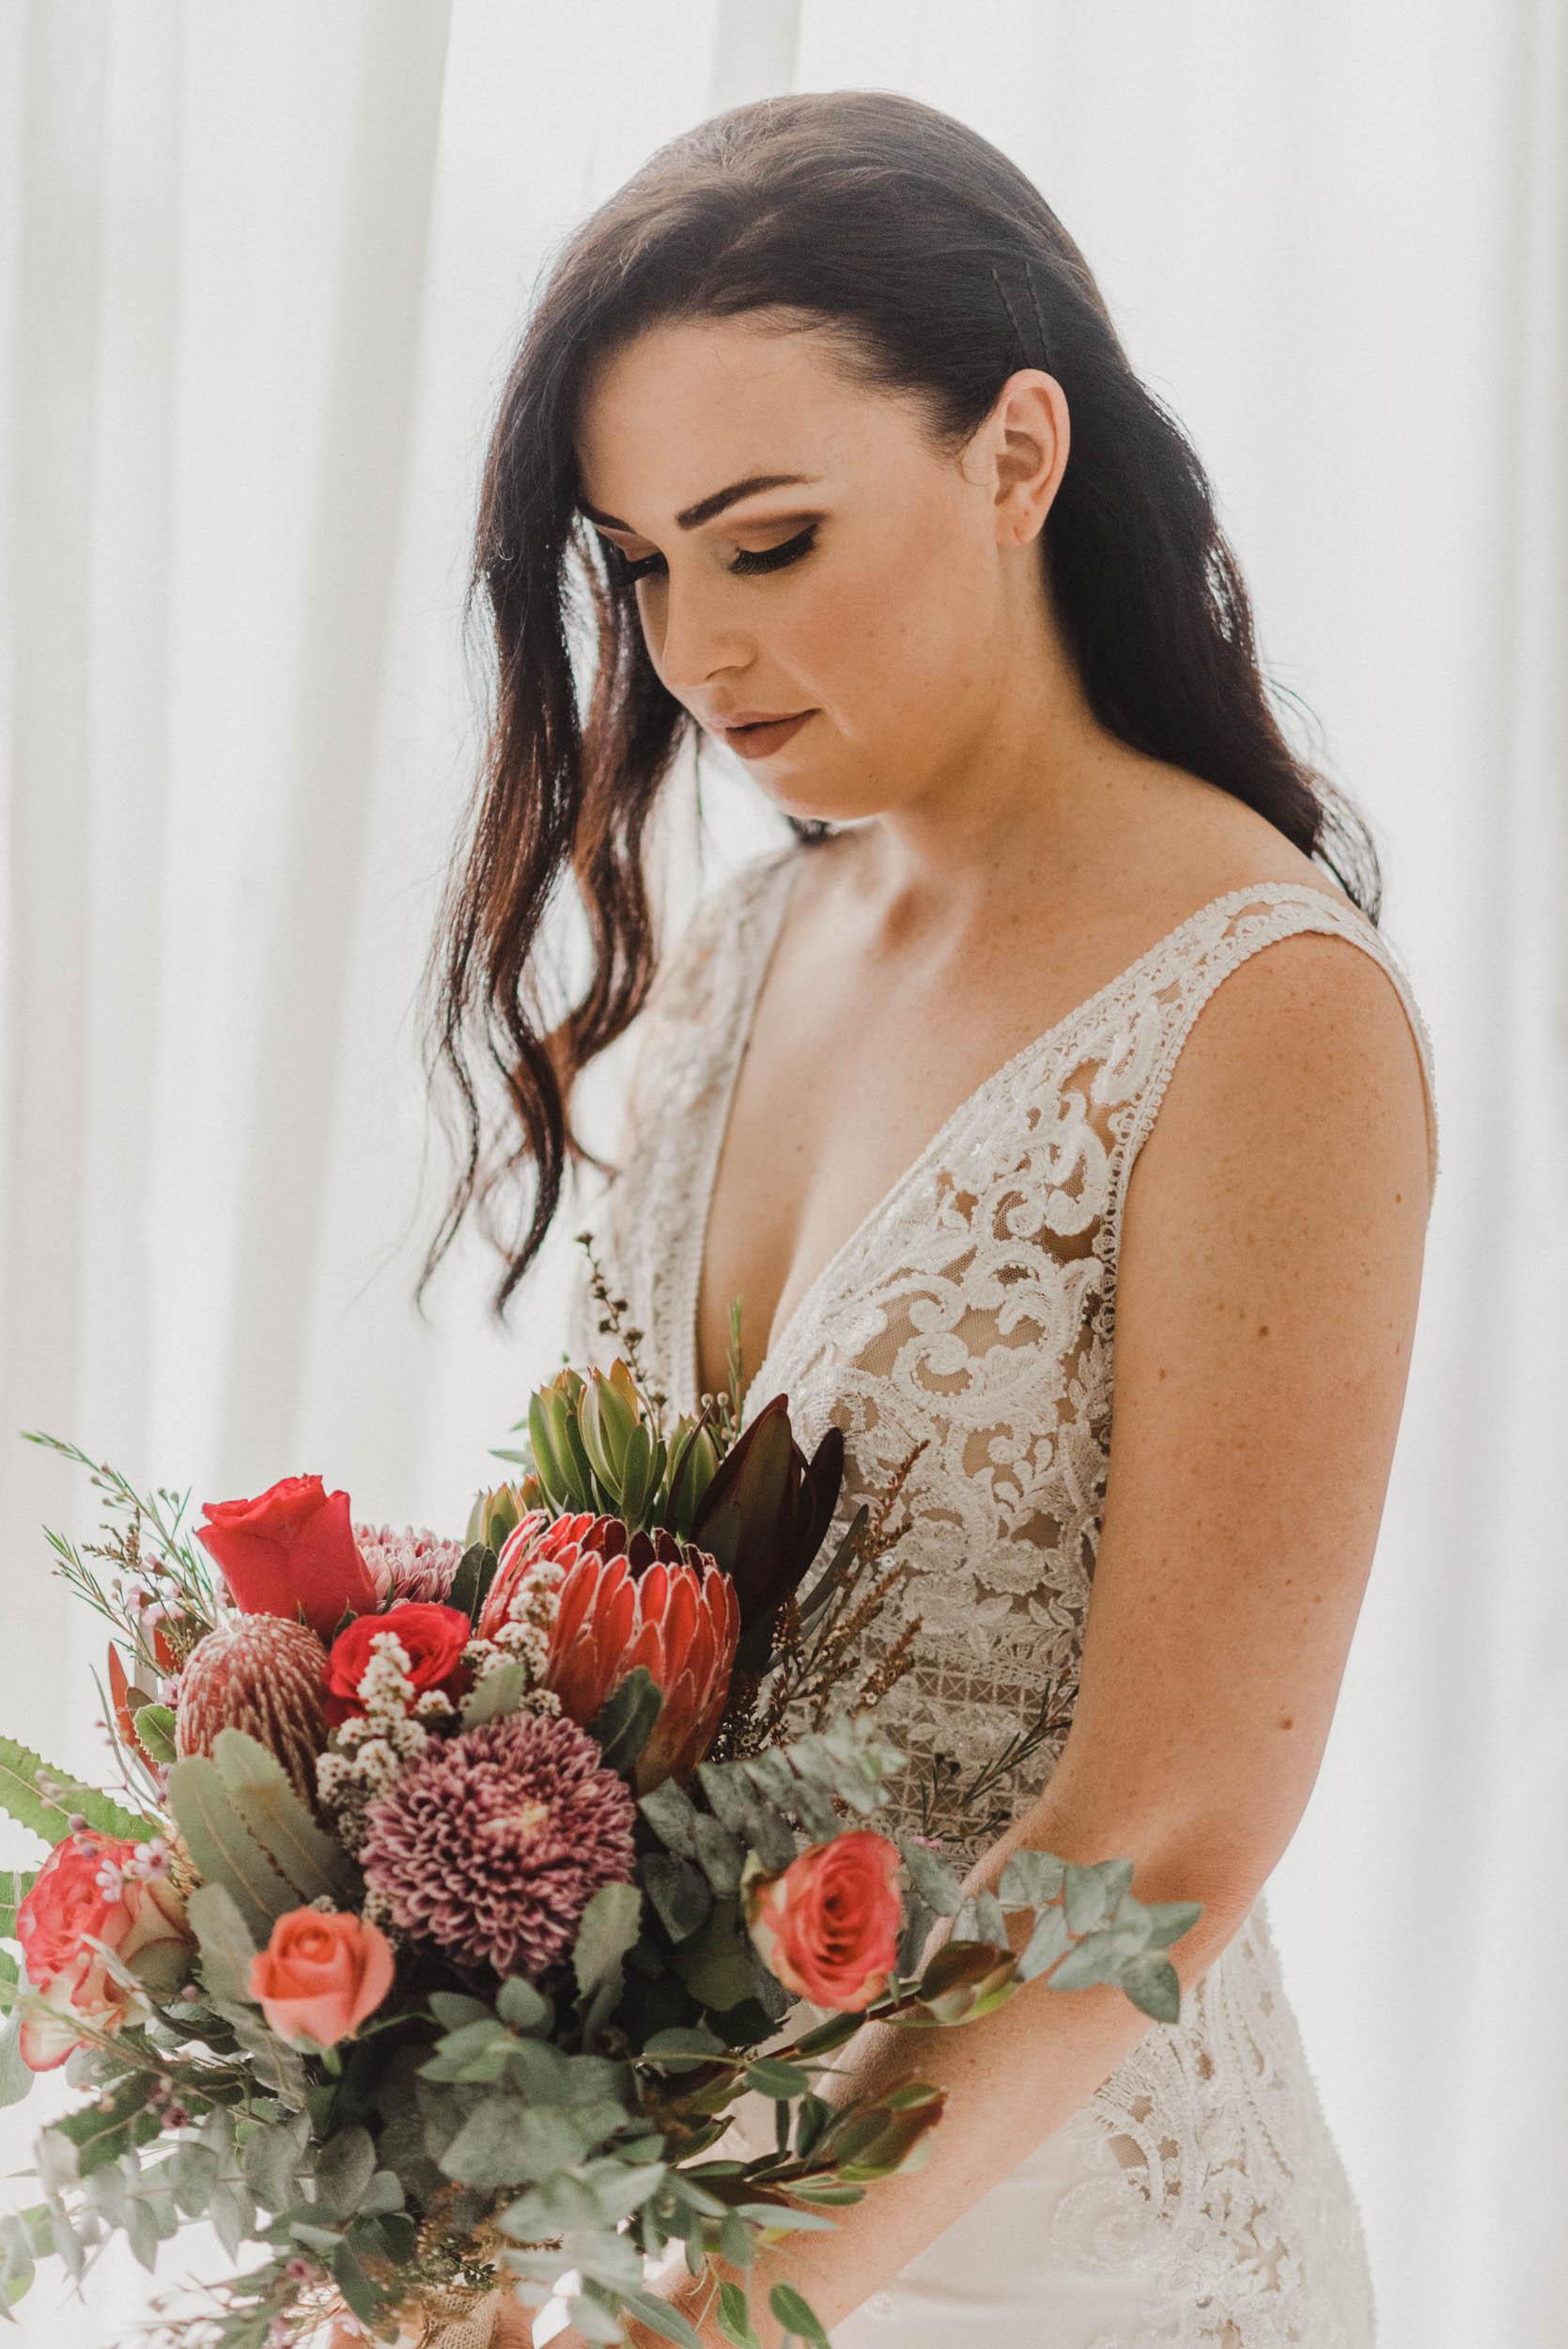 The Raw Photographer - Port Douglas Wedding Photographer - St Mary Church - Cairns Beach Photos-10.jpg